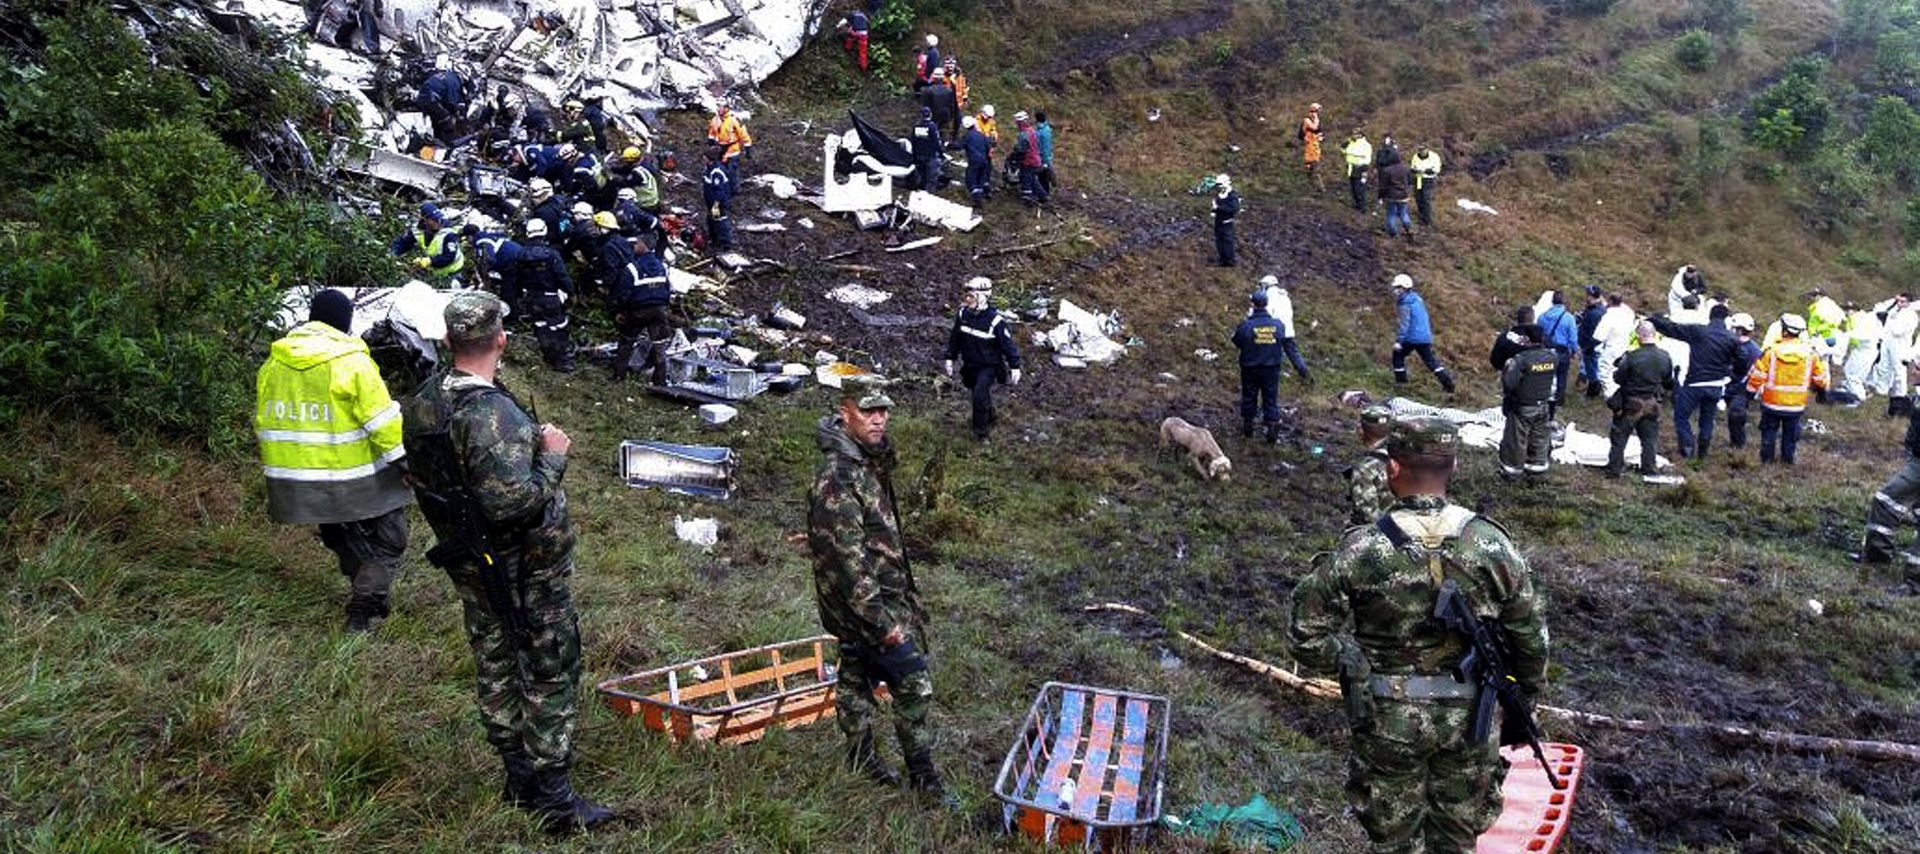 Vlasnik srušenog zrakoplova bivši političar iz Venezuele, upravljala bolivijska tvrtka